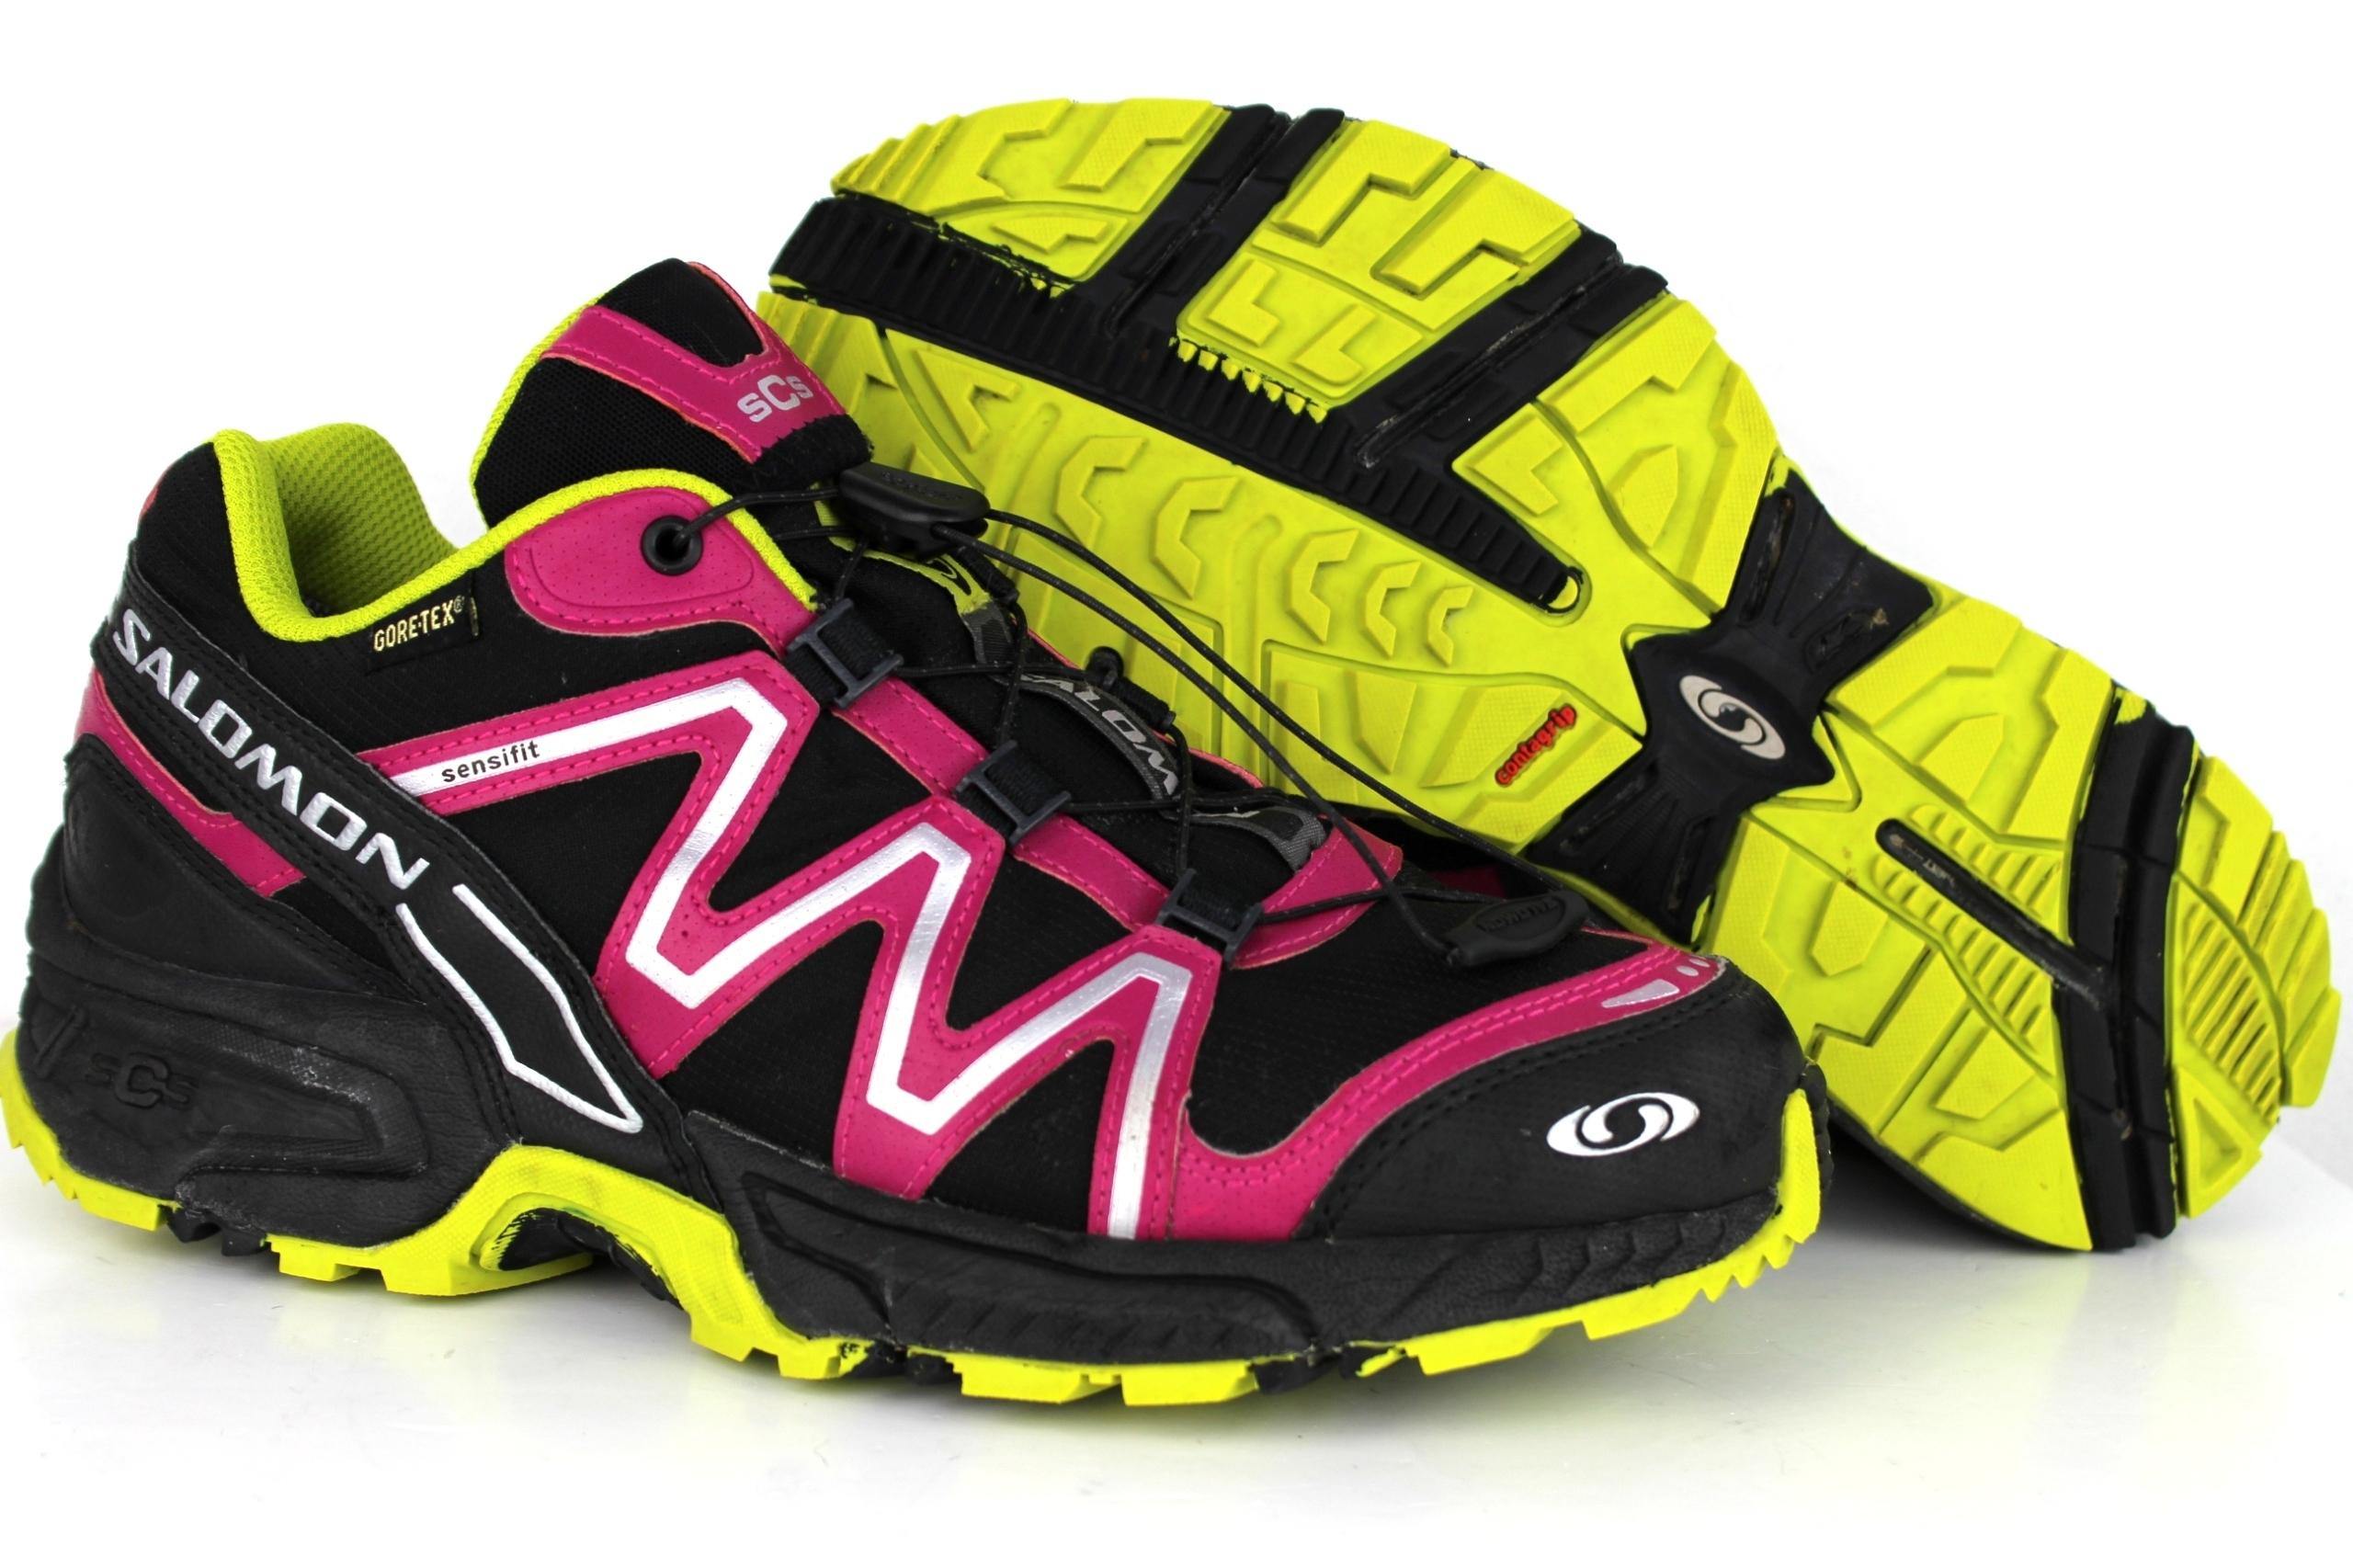 120682184950 SALOMON Neon Trail GORE-TEX buty r 39 -60% - 7528475609 - oficjalne ...